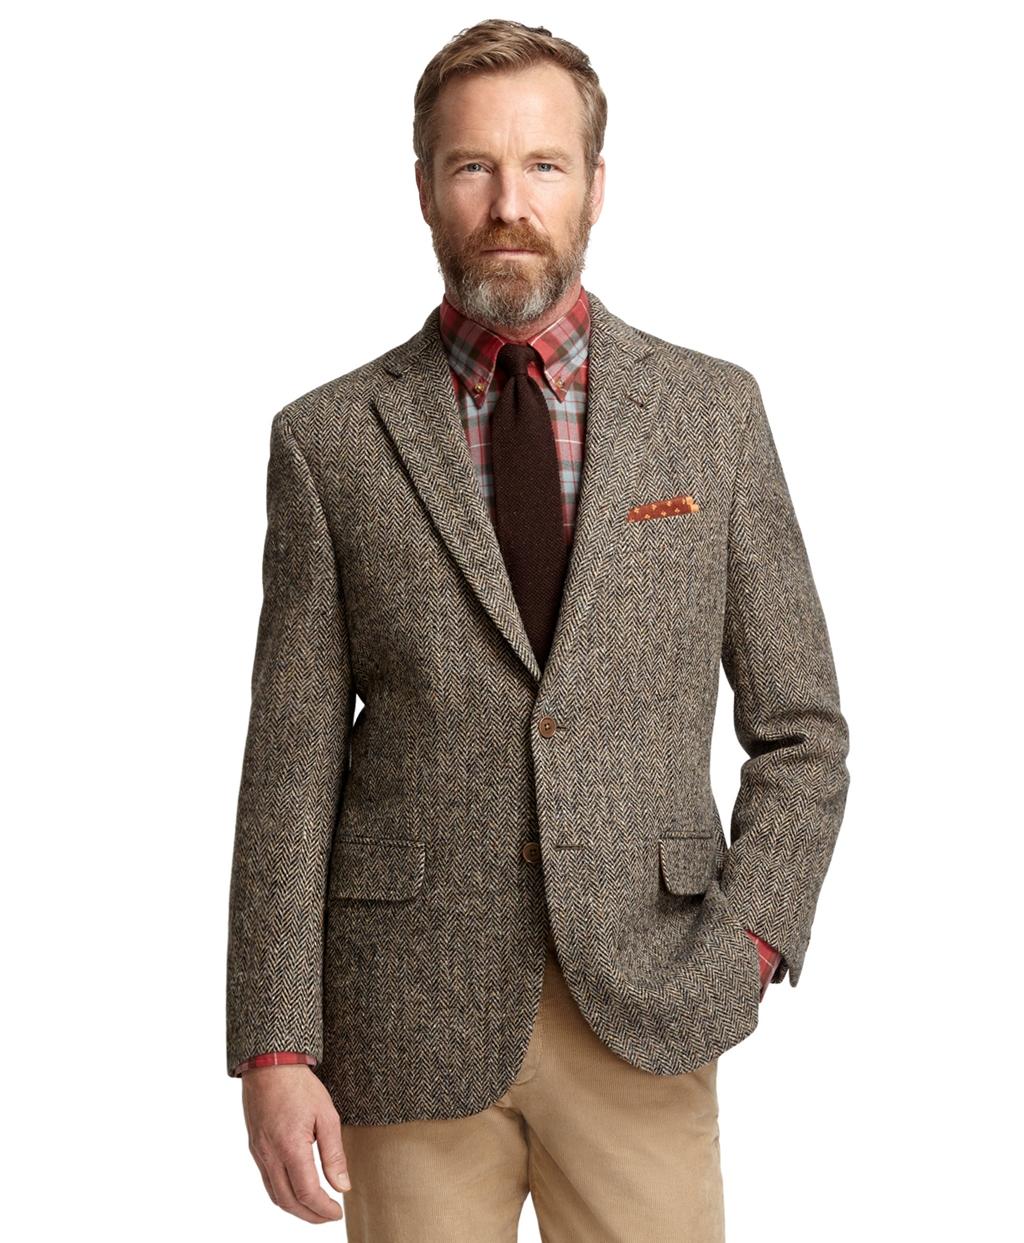 Madison Fit Harris Tweed Herringbone Sport Coat - Brooks Brothers